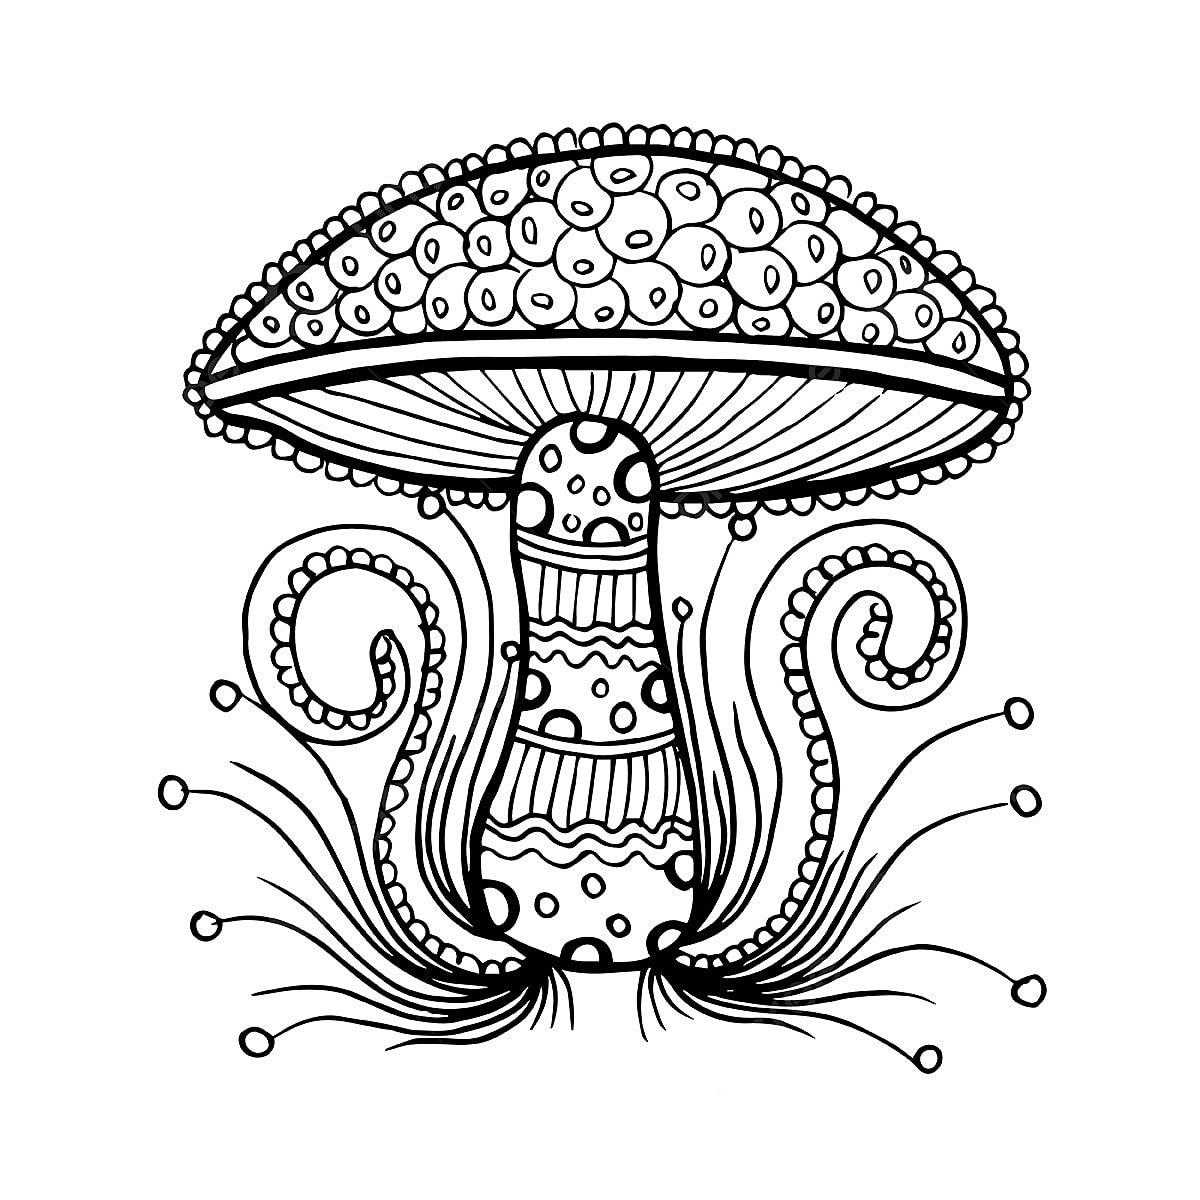 Schönen Handgezeichneten Schwarz Weiß Pilz Hand Gezeichnet Schwarzen